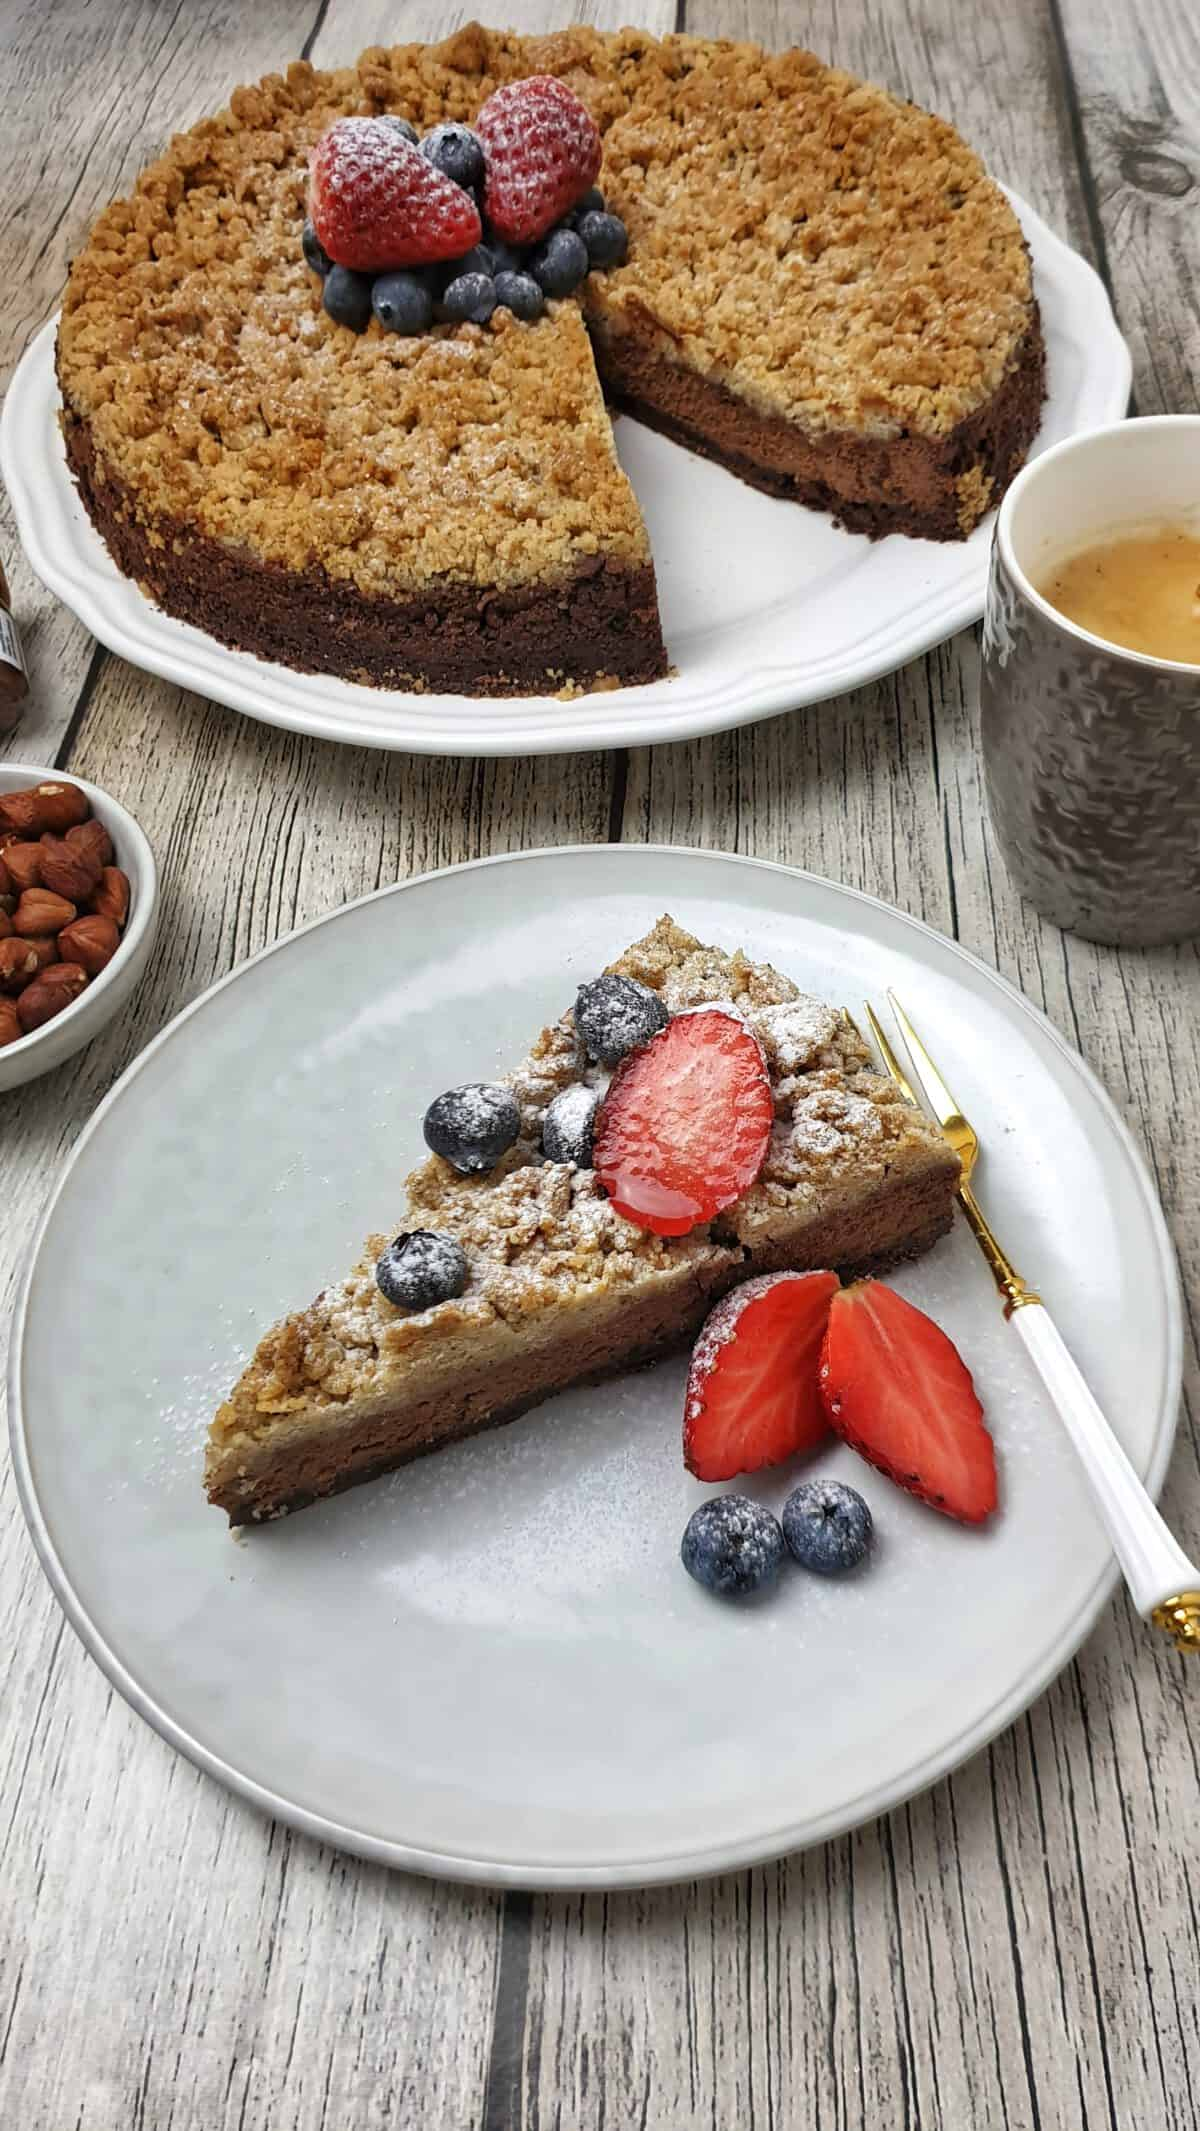 Ein Stück Schoko-Kuchen auf einem hellen Teller mit frischen Beeren garniert. Im Hintergrund Deko.